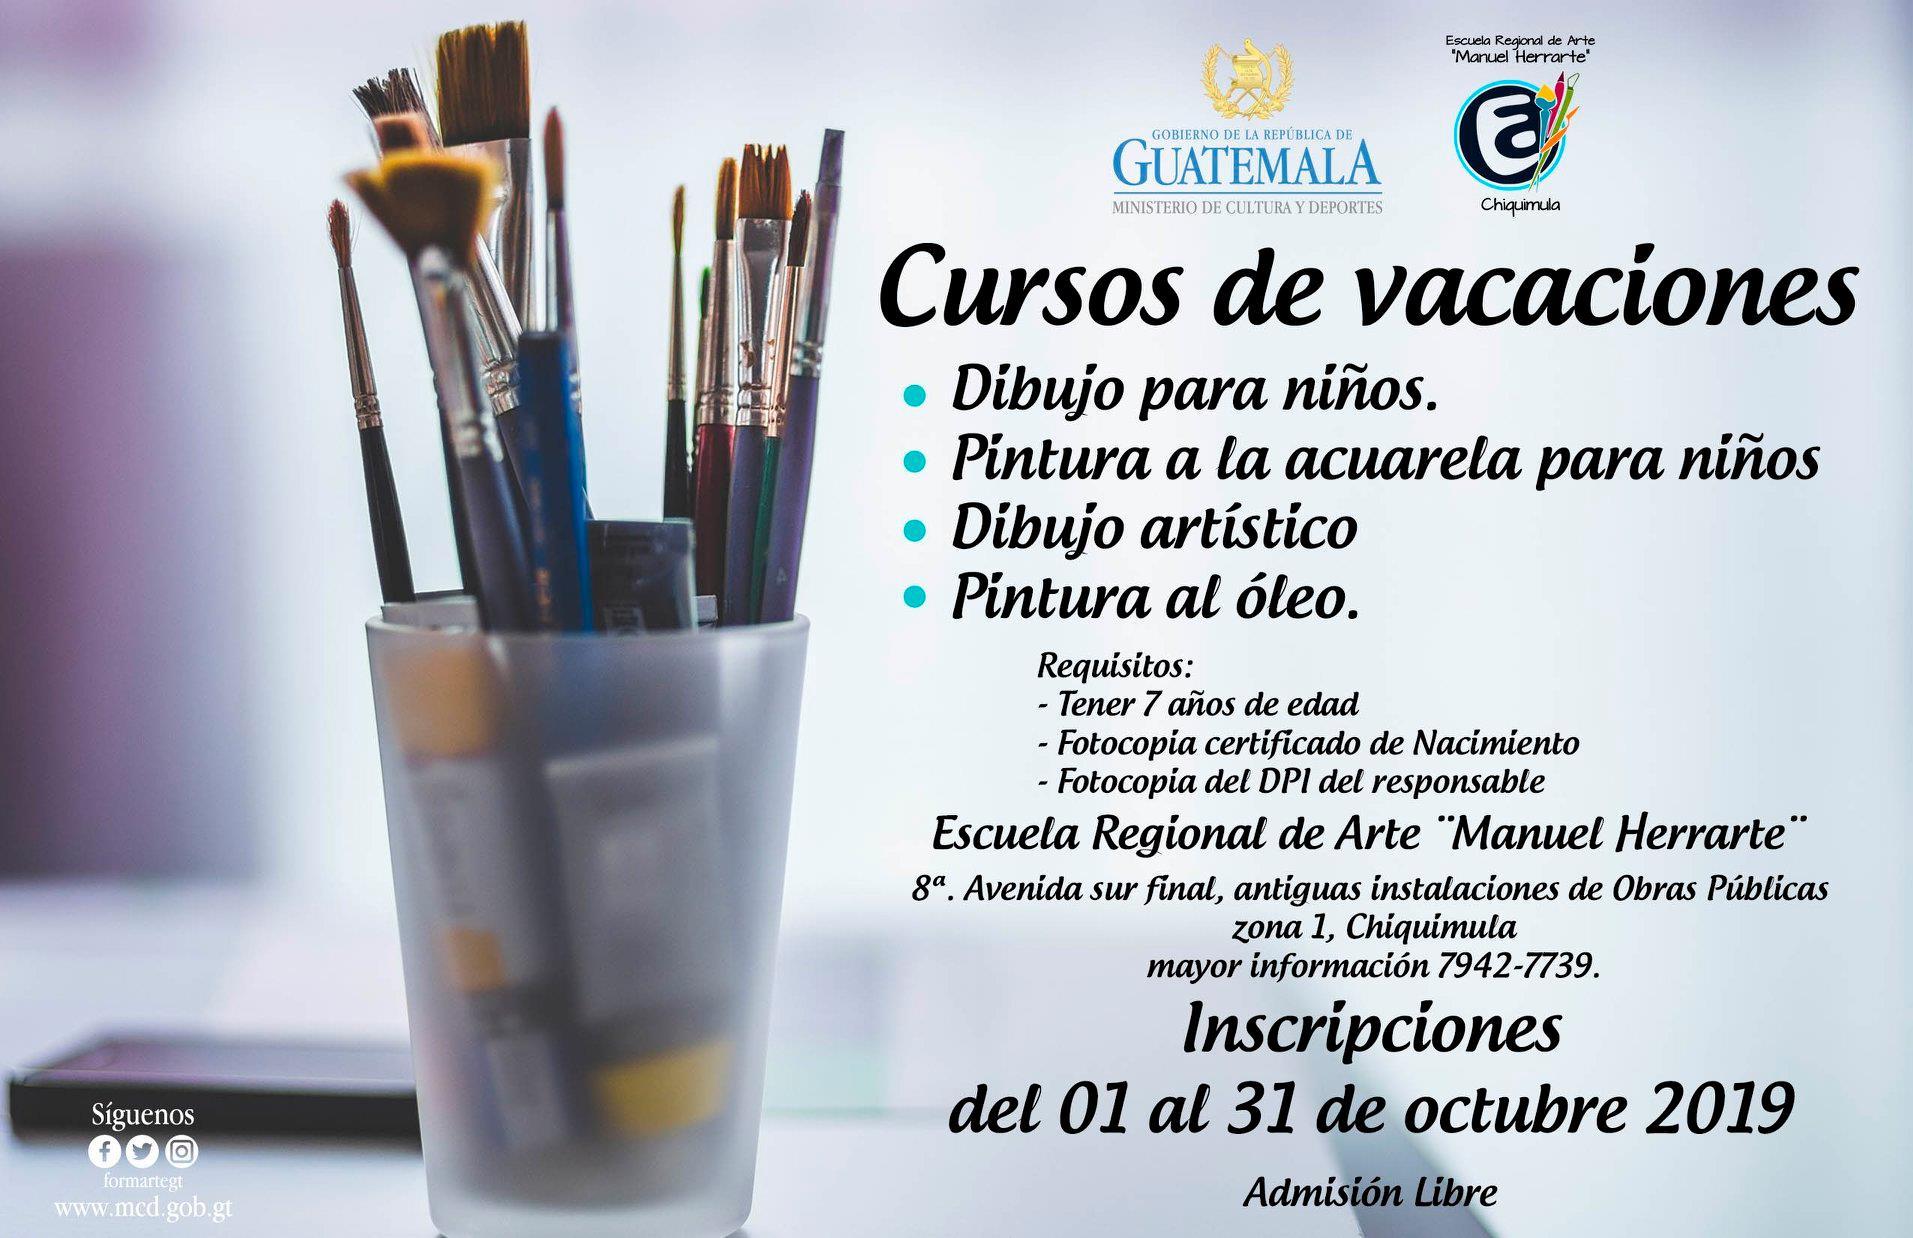 CURSO DE VACACIONES Guatemala